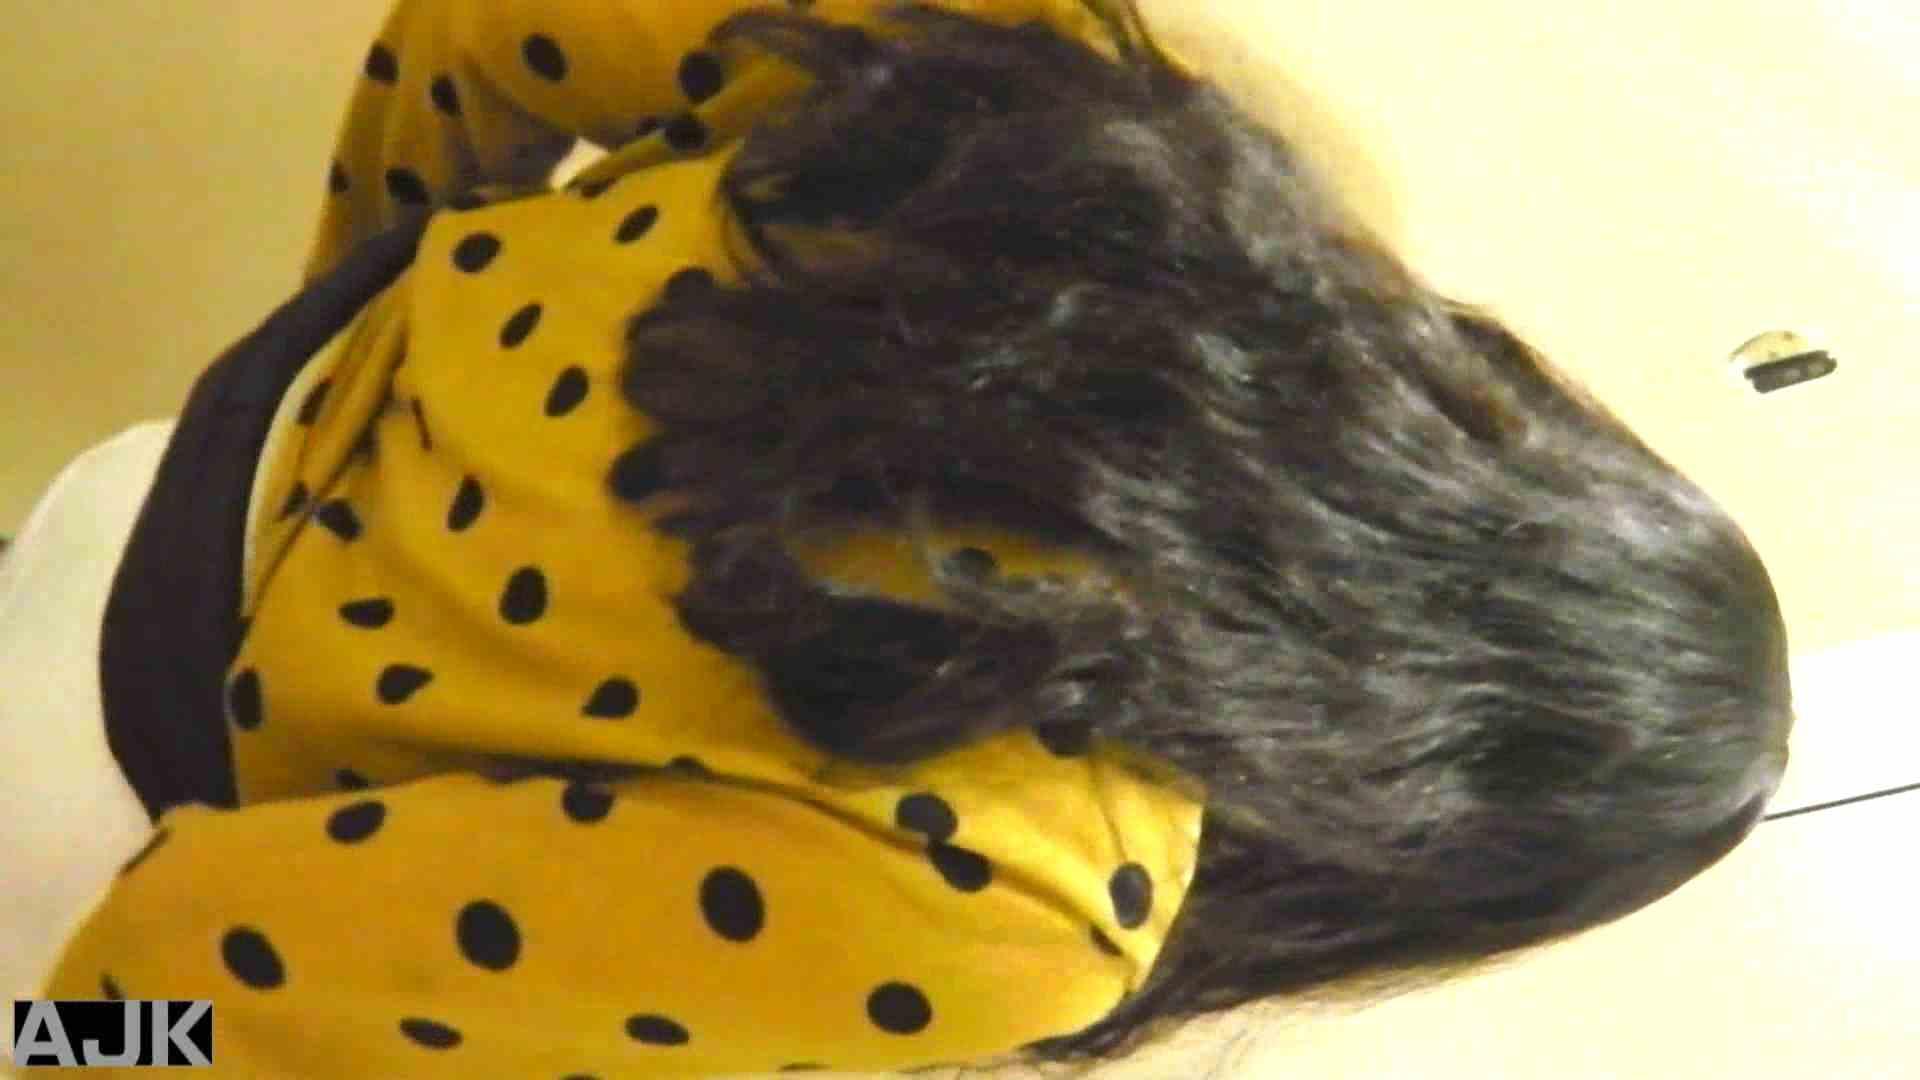 隣国上階級エリアの令嬢たちが集うデパートお手洗い Vol.01 お手洗いの中   丸見え のぞき 84枚 15